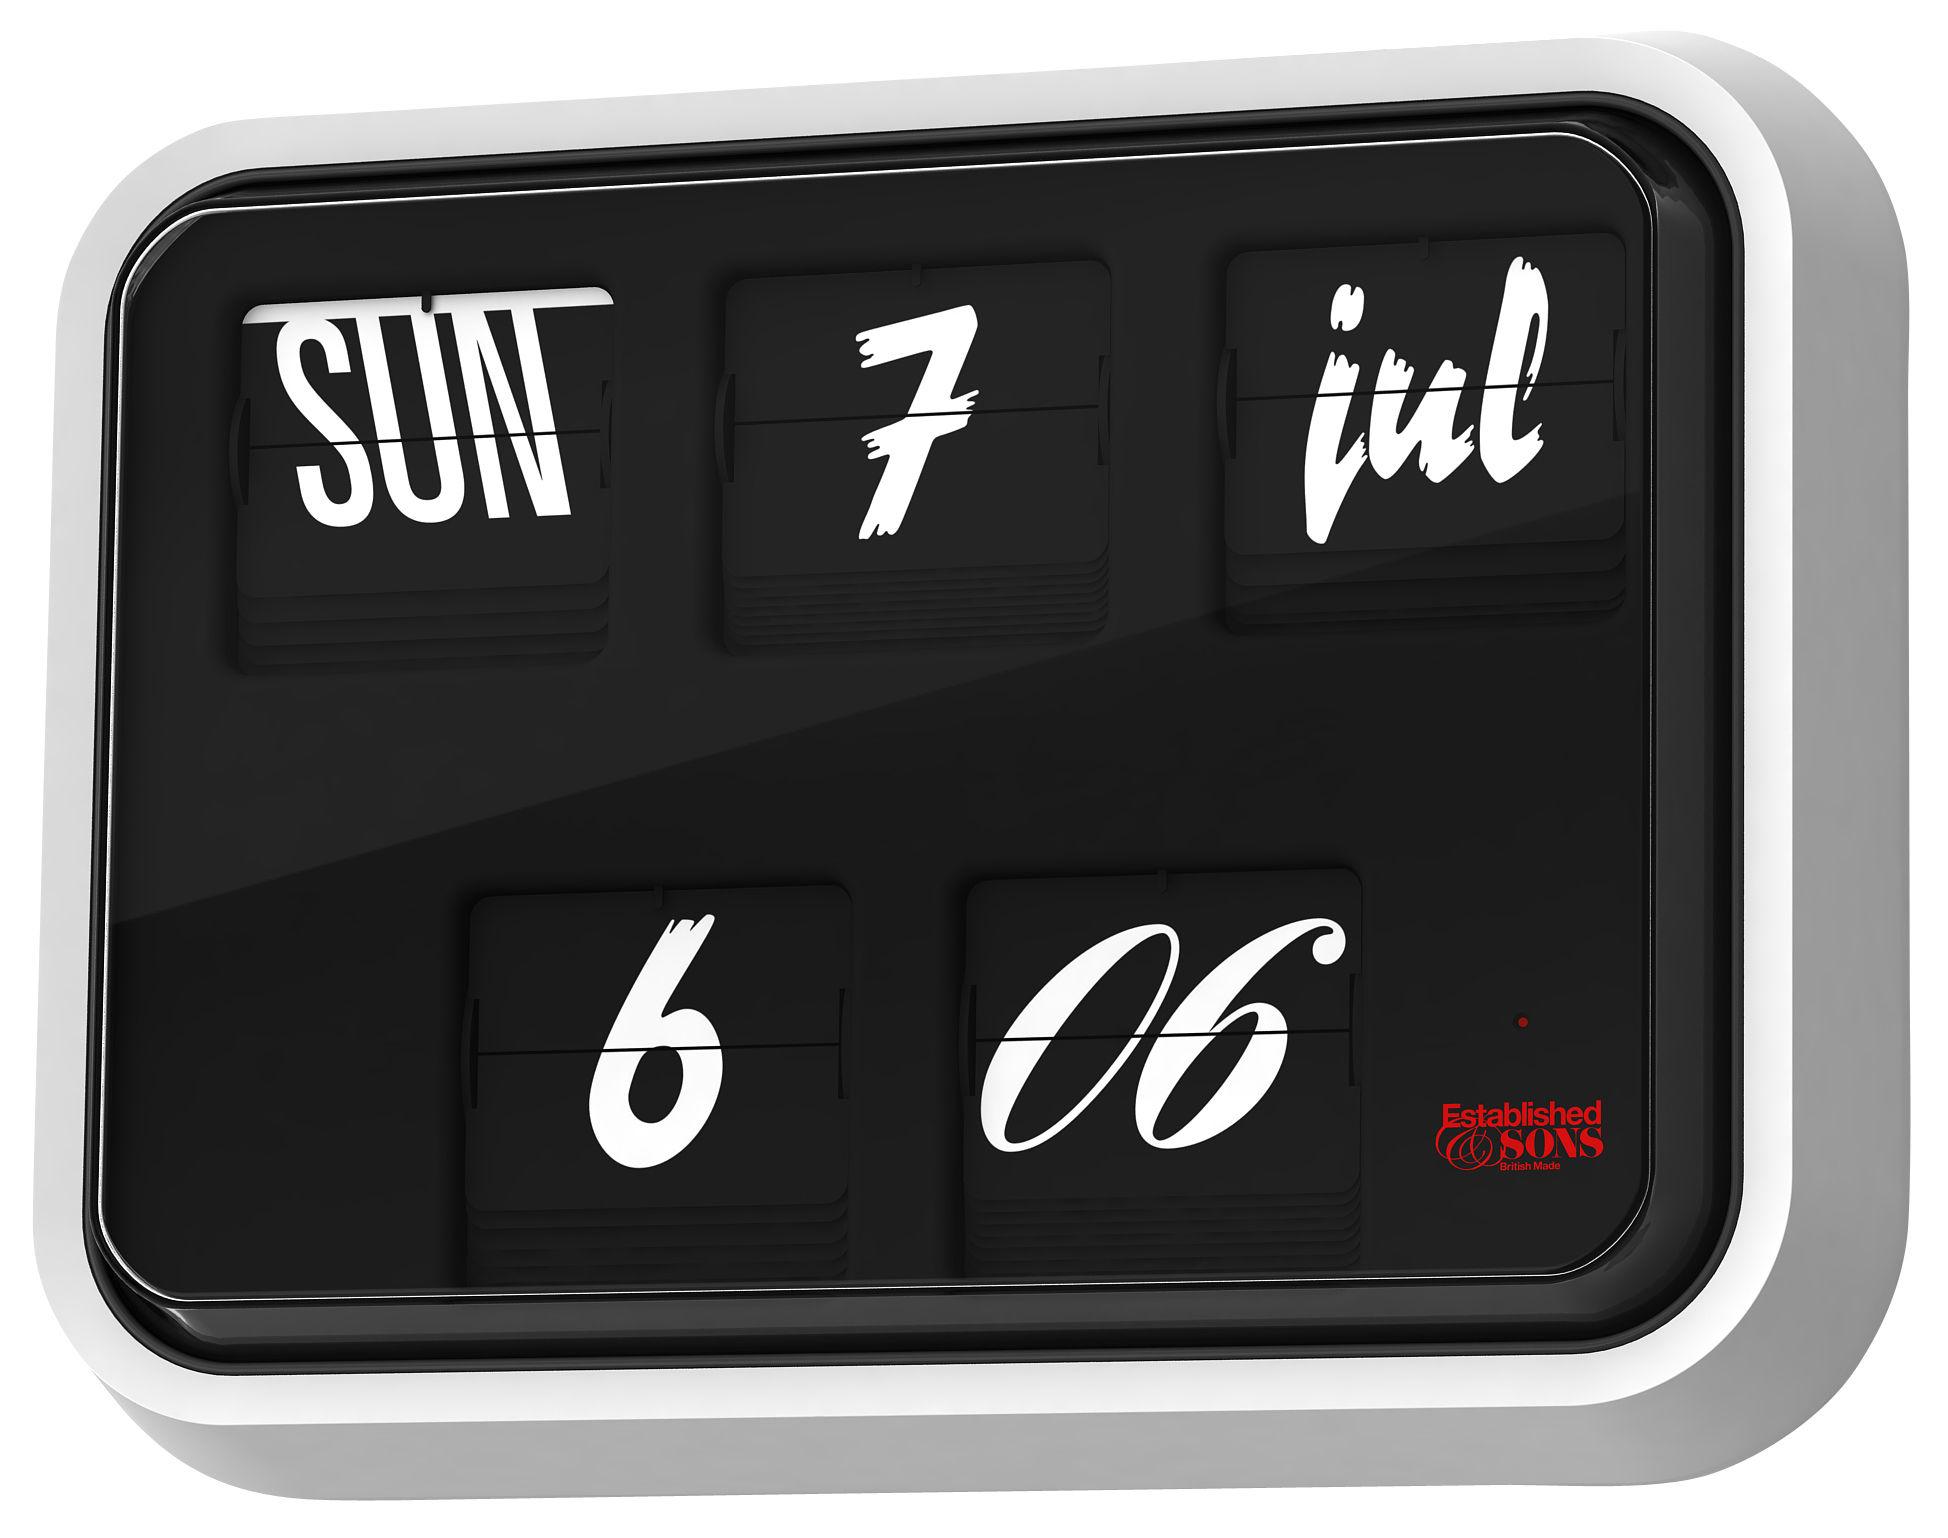 Dekoration - Uhren - Font Clock Wanduhr mit Kalenderfunktion - Established & Sons - Schwarz /weiß  - 42 x 31 cm - ABS, Glas